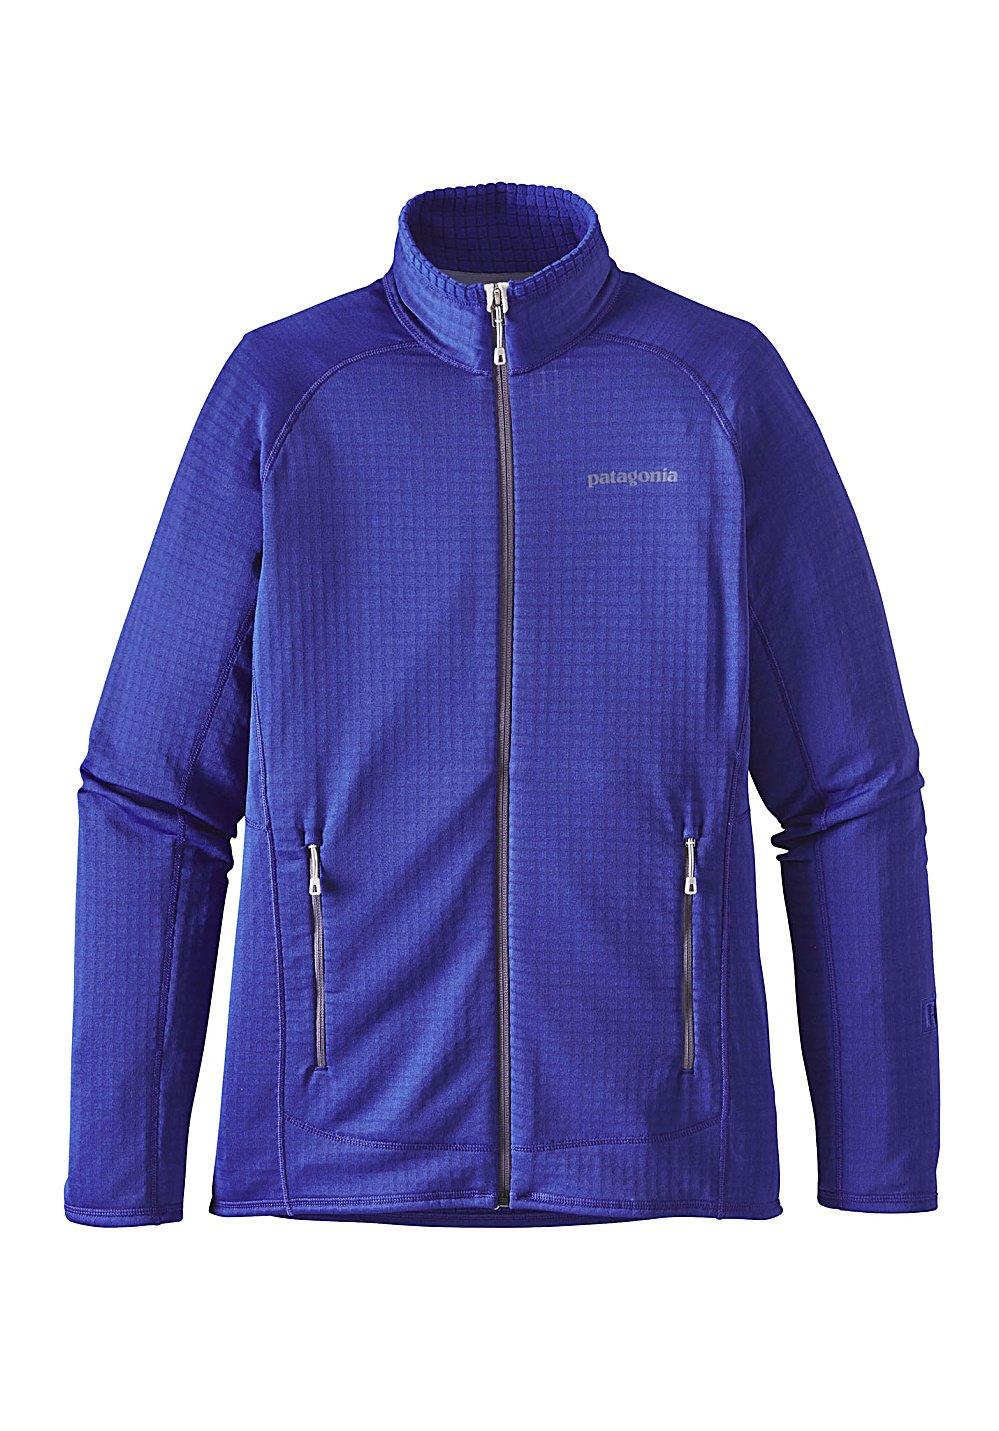 Patagonia Damen Jacke R1 Full-Zip